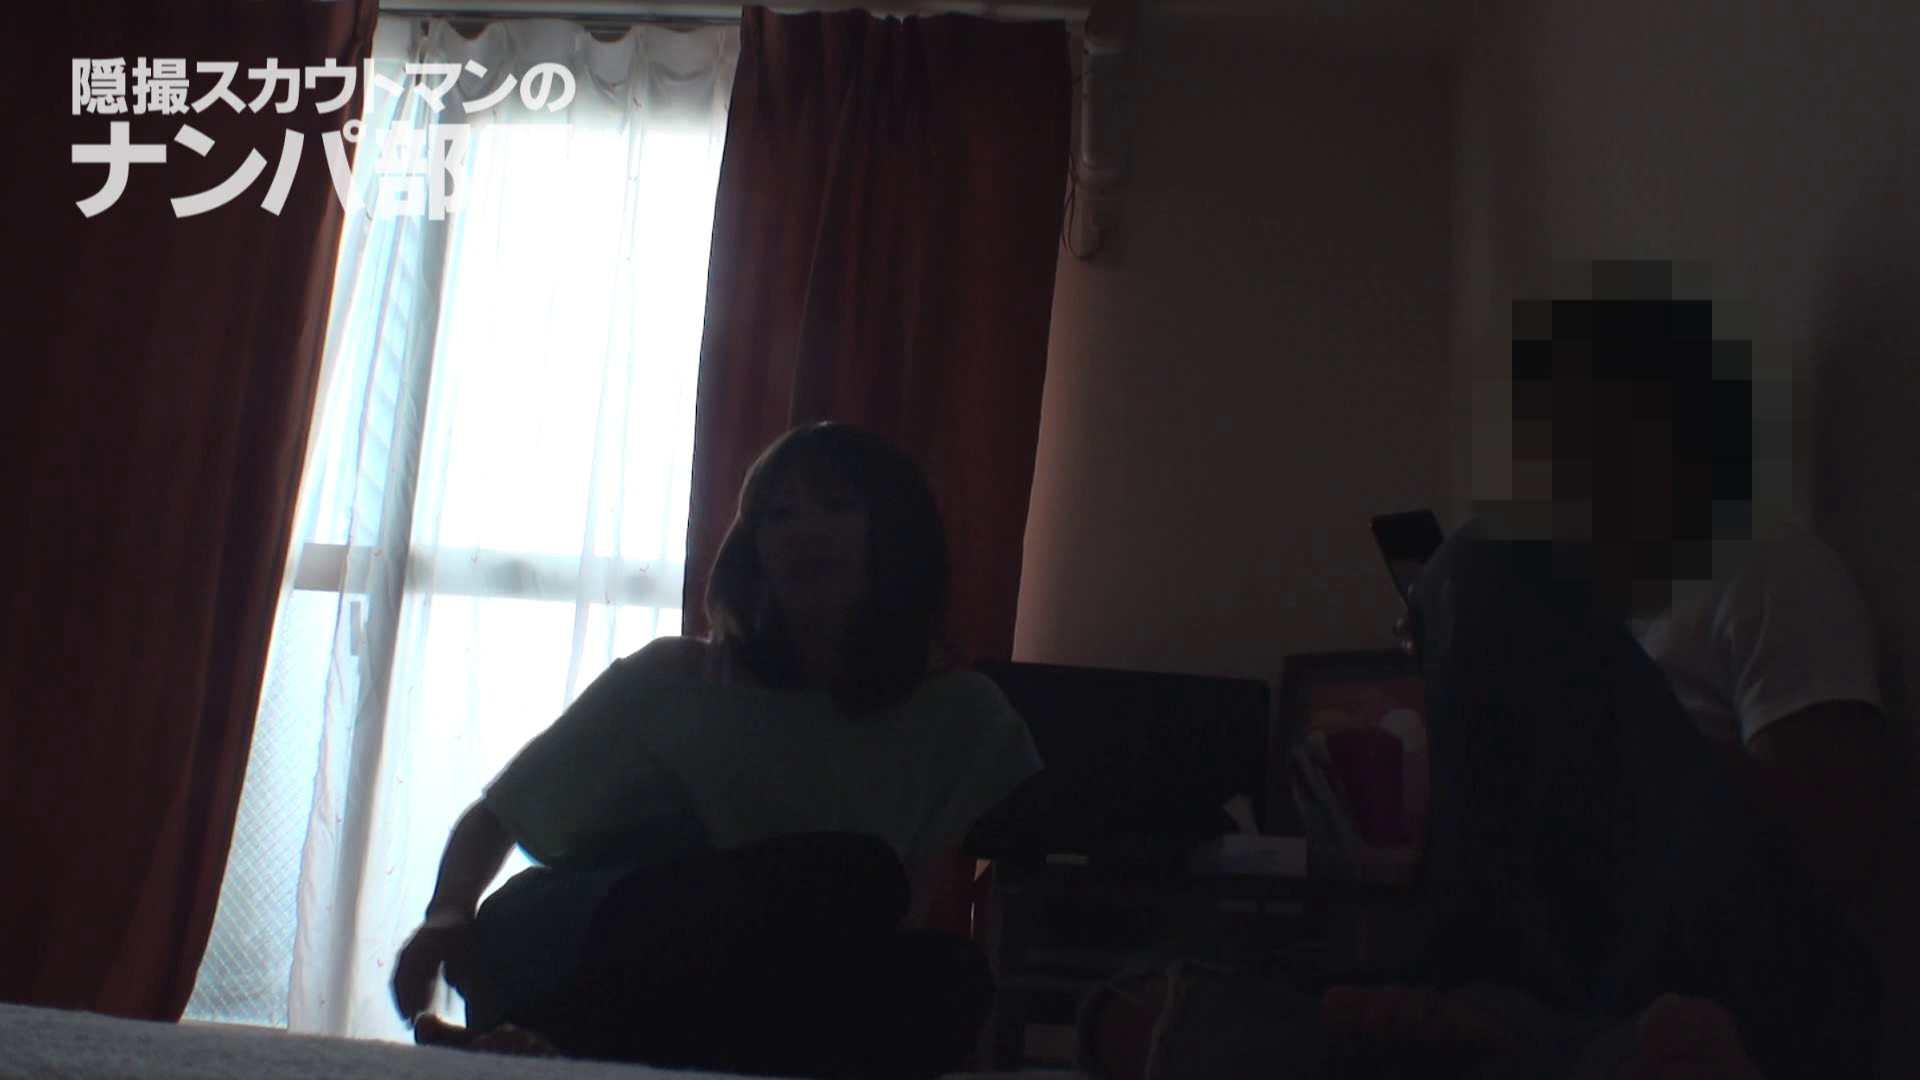 sii 高画質 セックス無修正動画無料 49画像 18